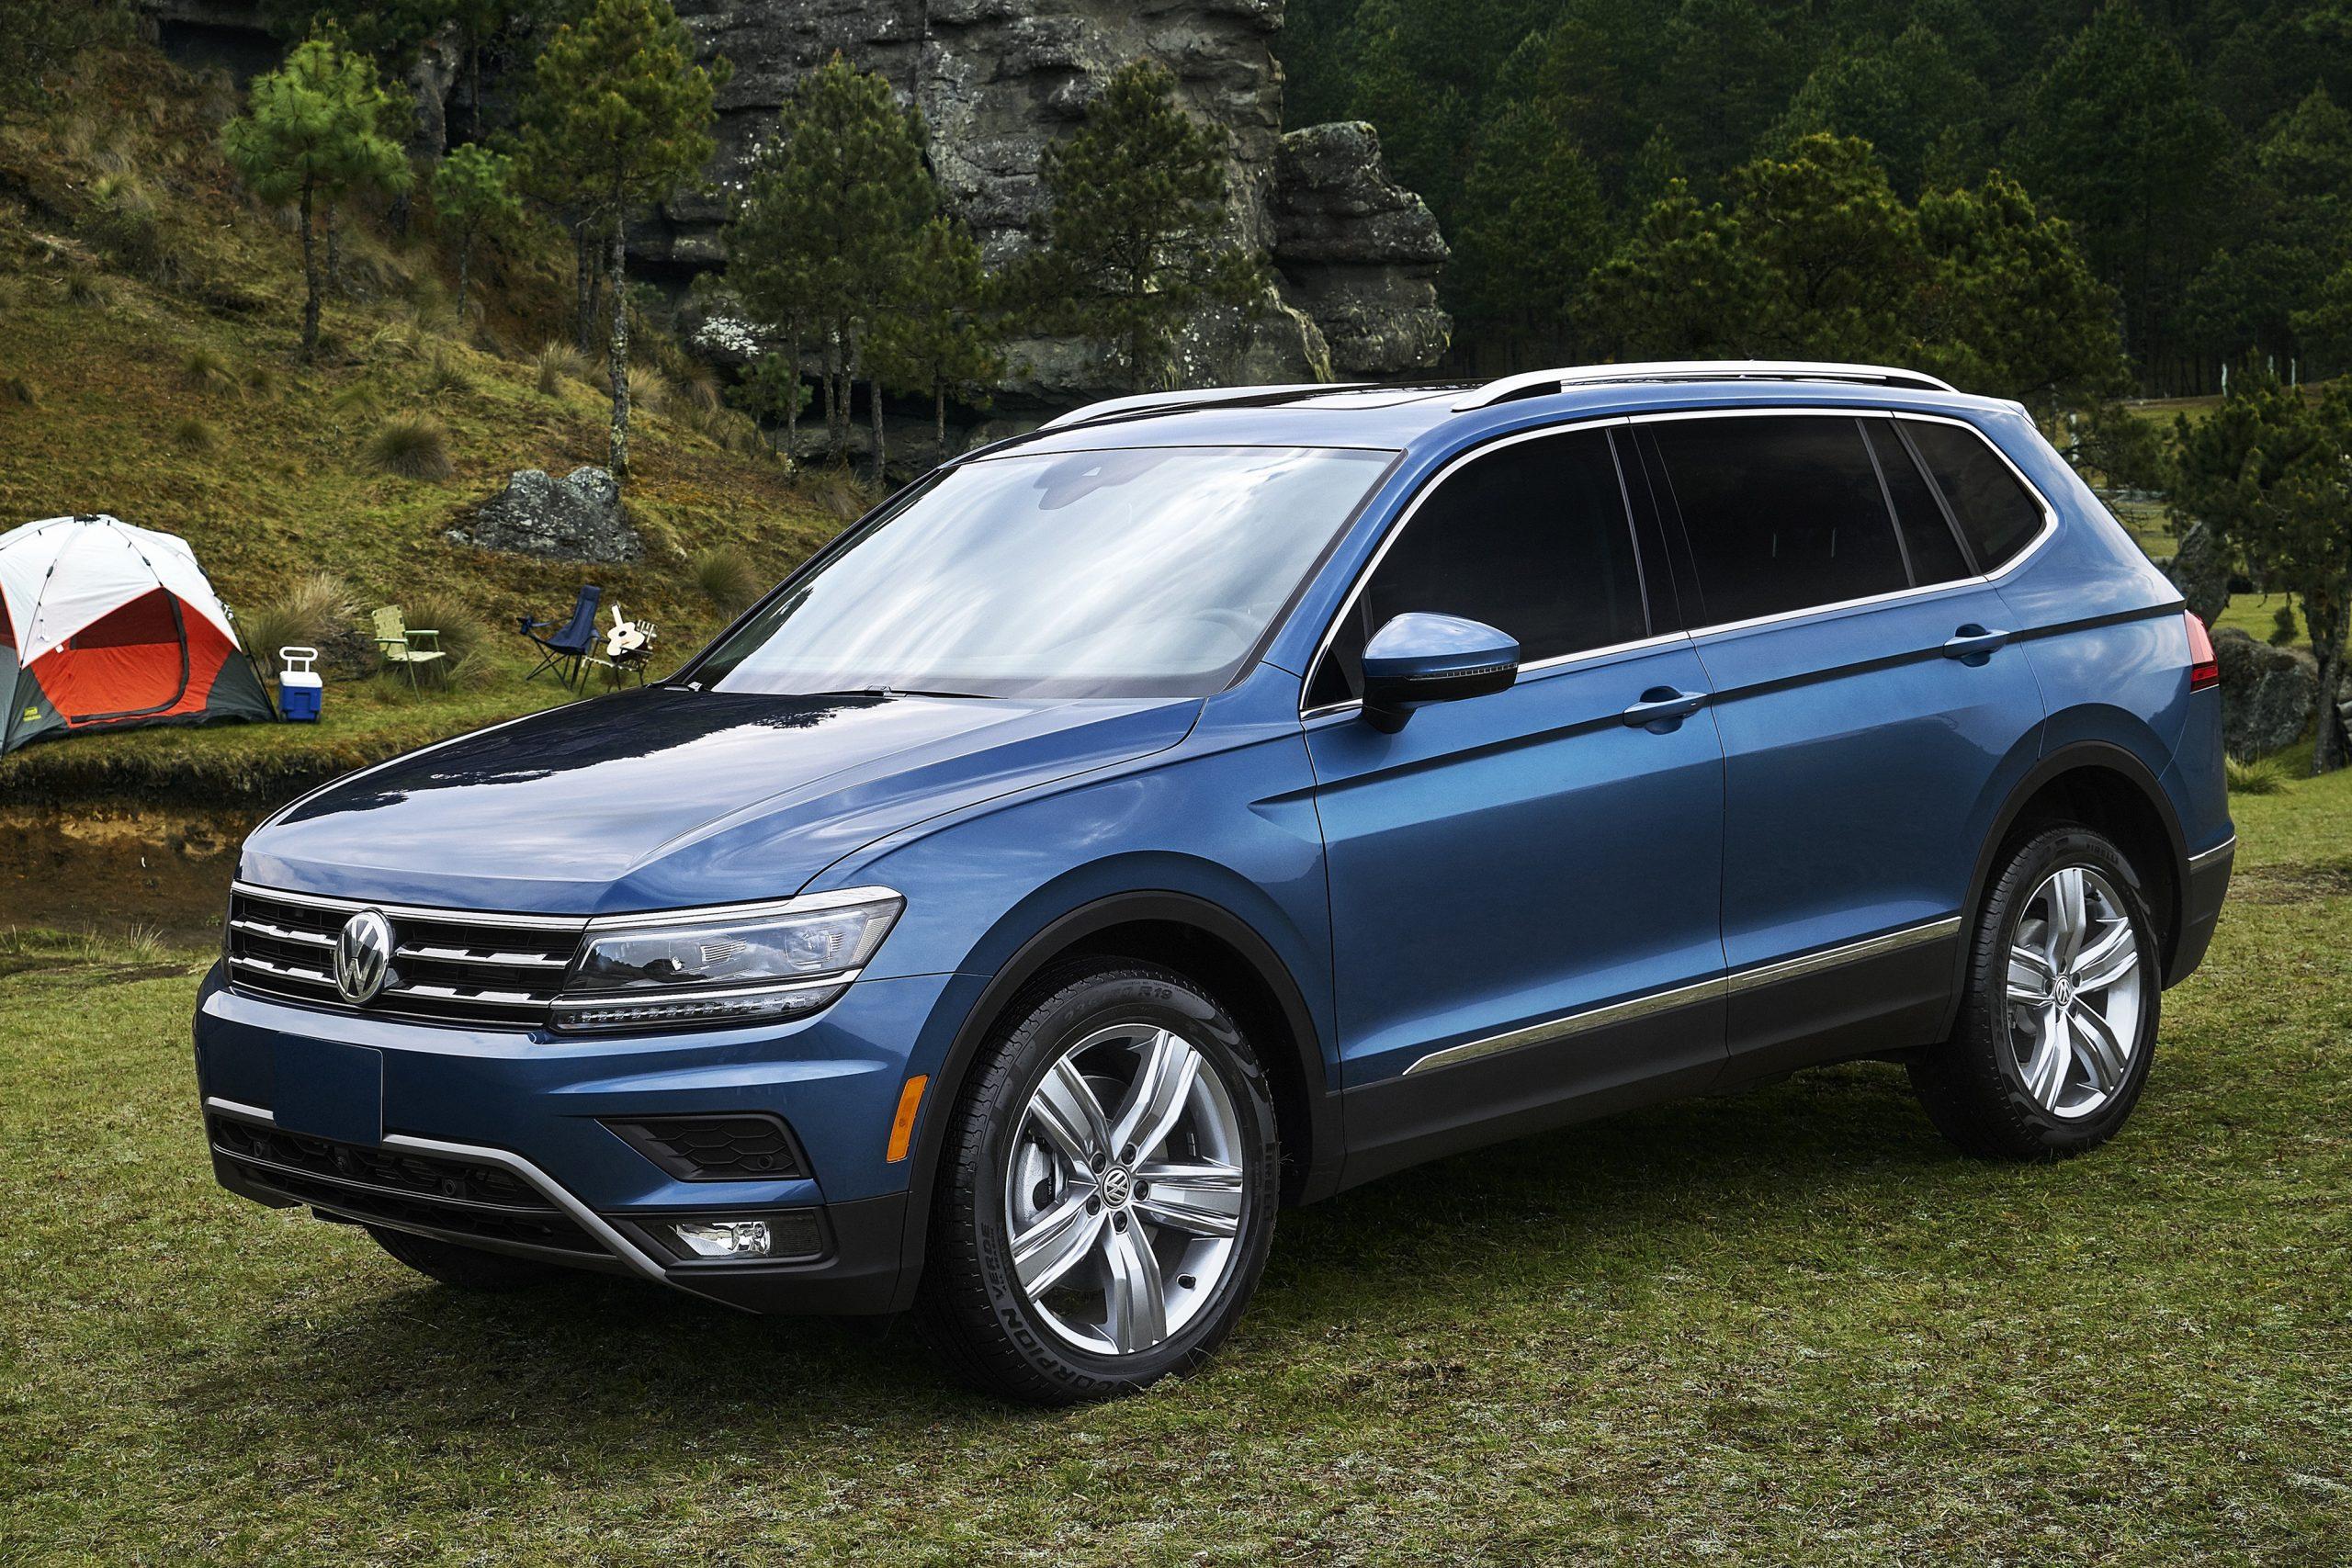 2021 Volkswagen Tiguan Lease Deals, Pictures, Recalls ...